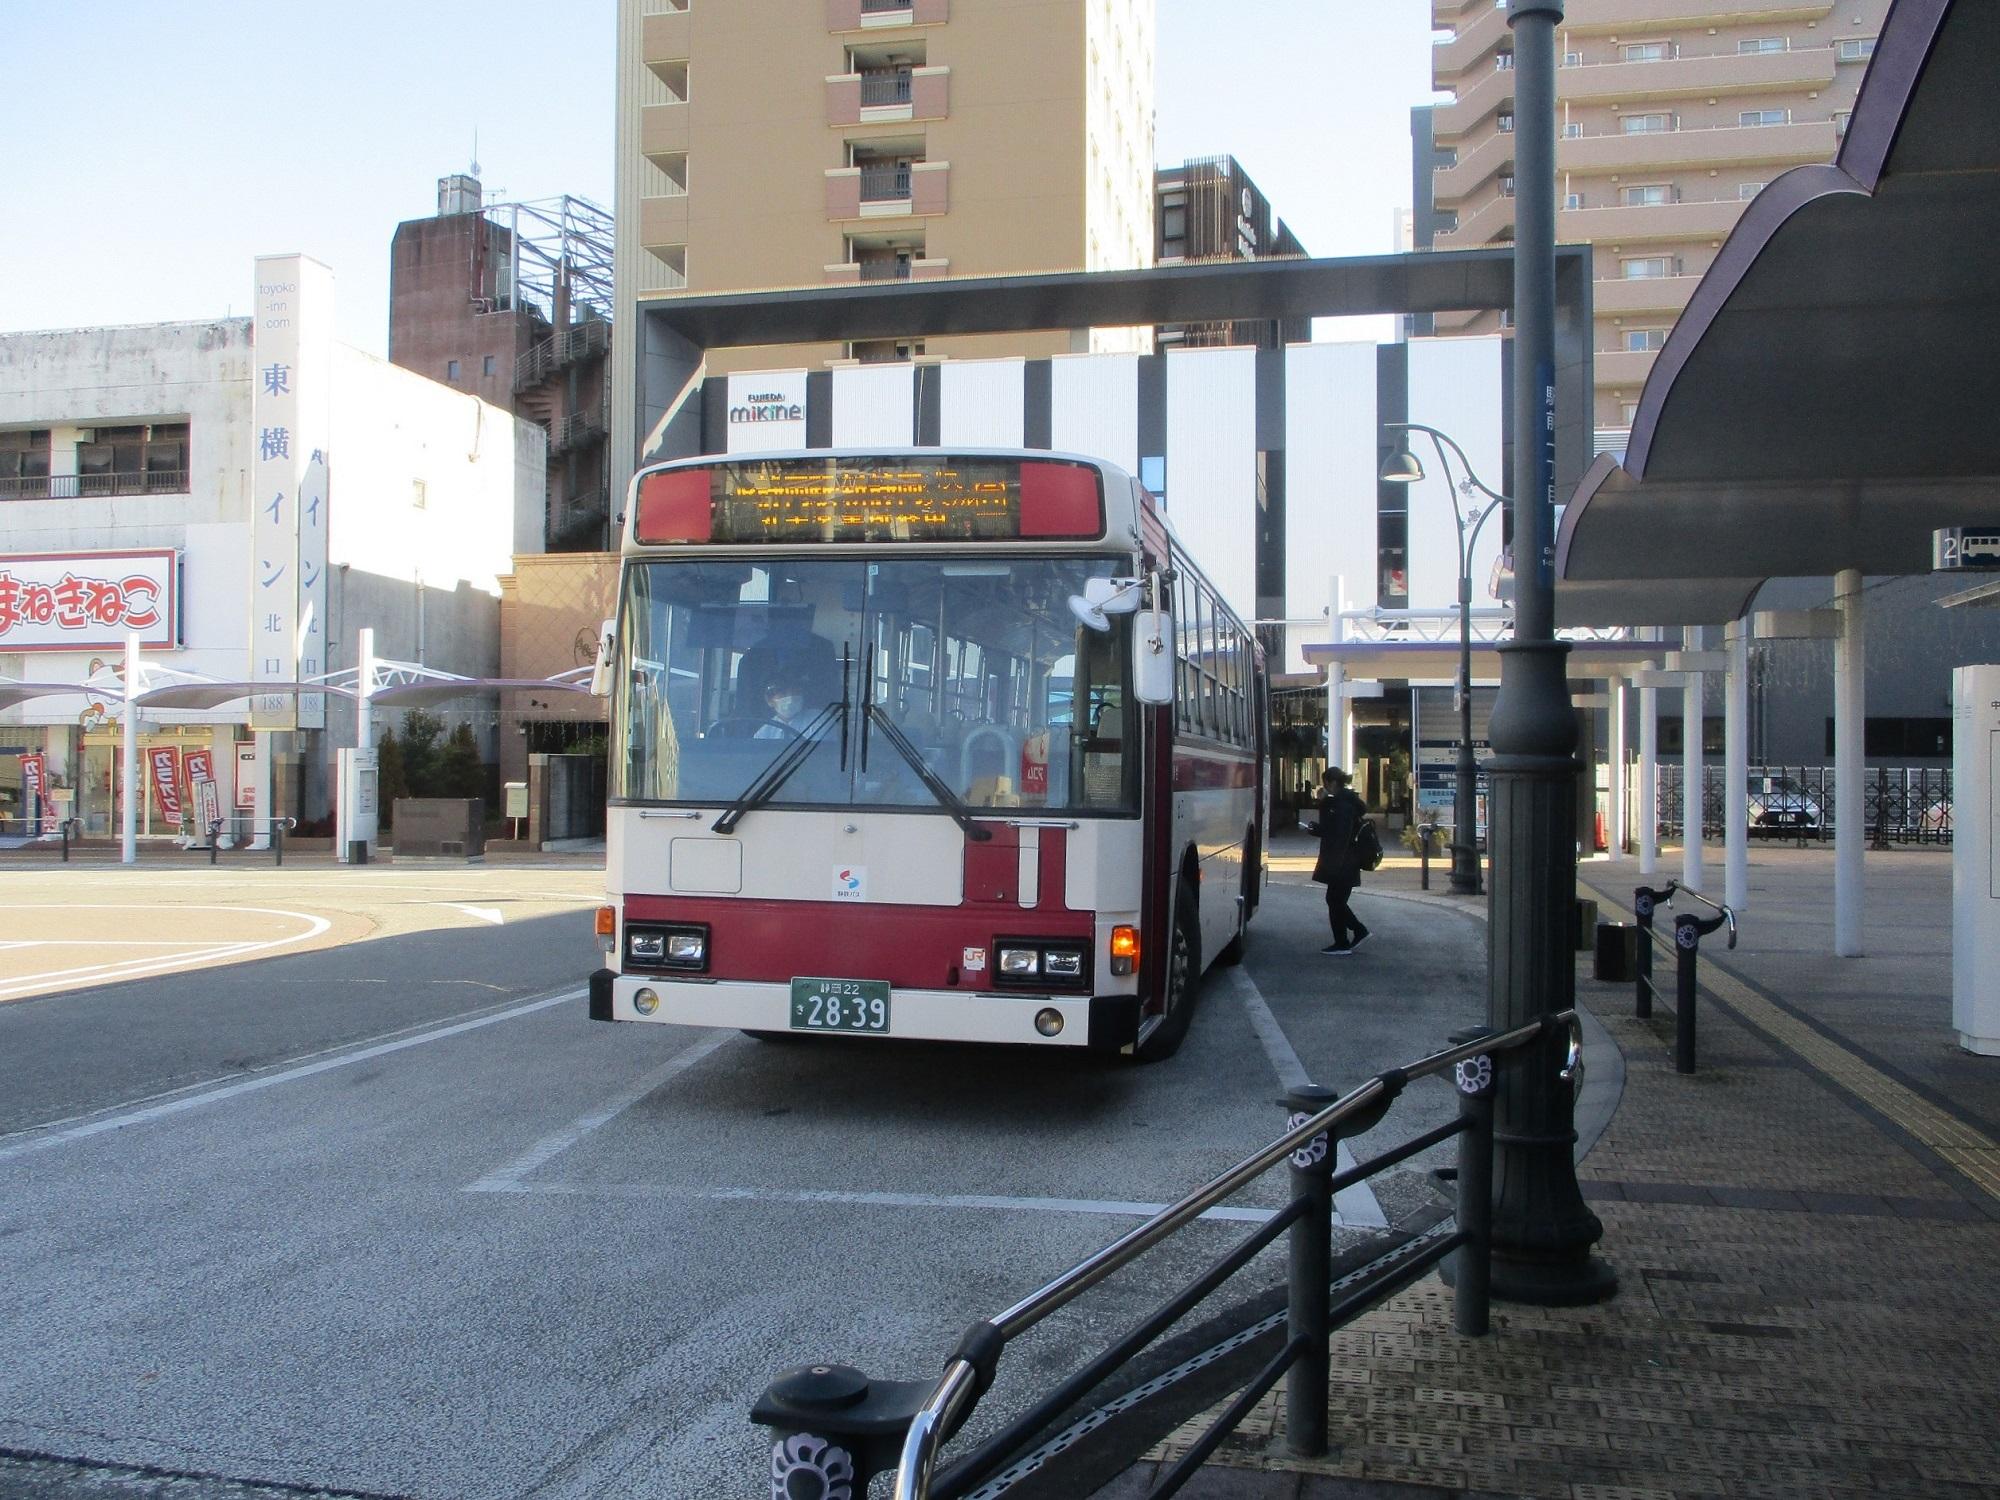 2020.1.21 (52) 藤枝駅前 - 新静岡バスターミナルいきバス 2000-1500